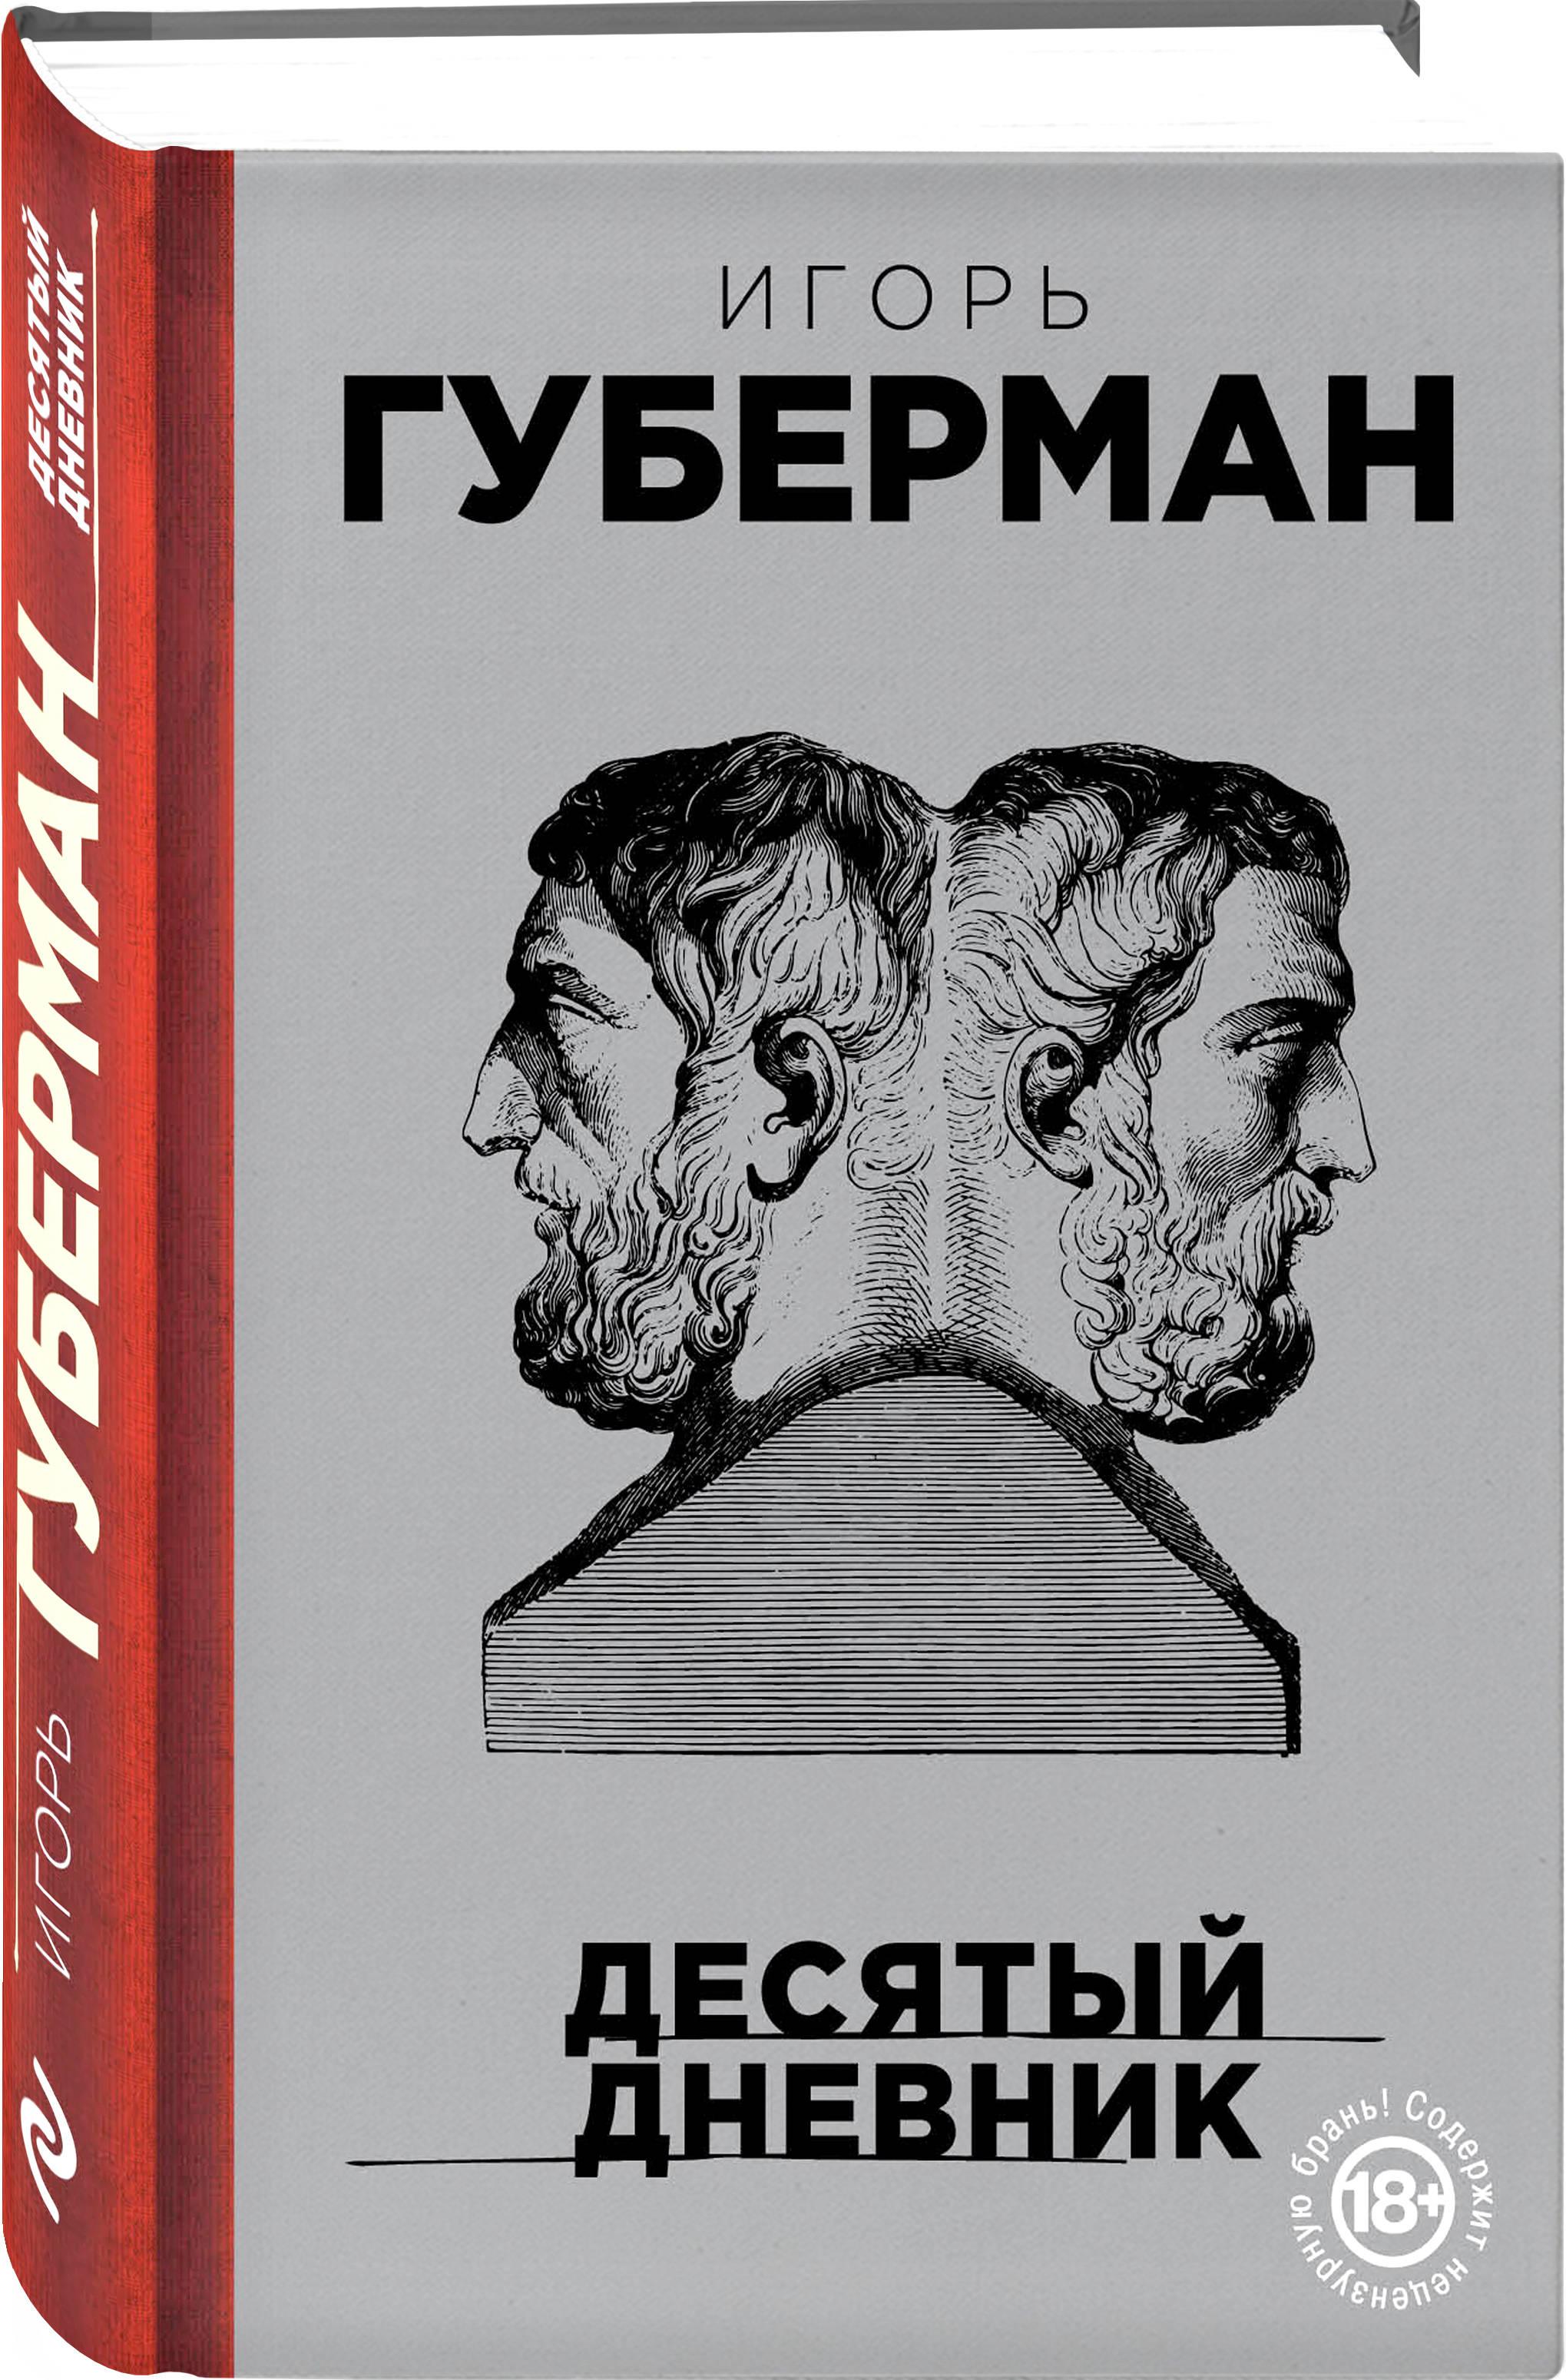 Игорь Губерман Десятый дневник игорь губерман закатные гарики сборник